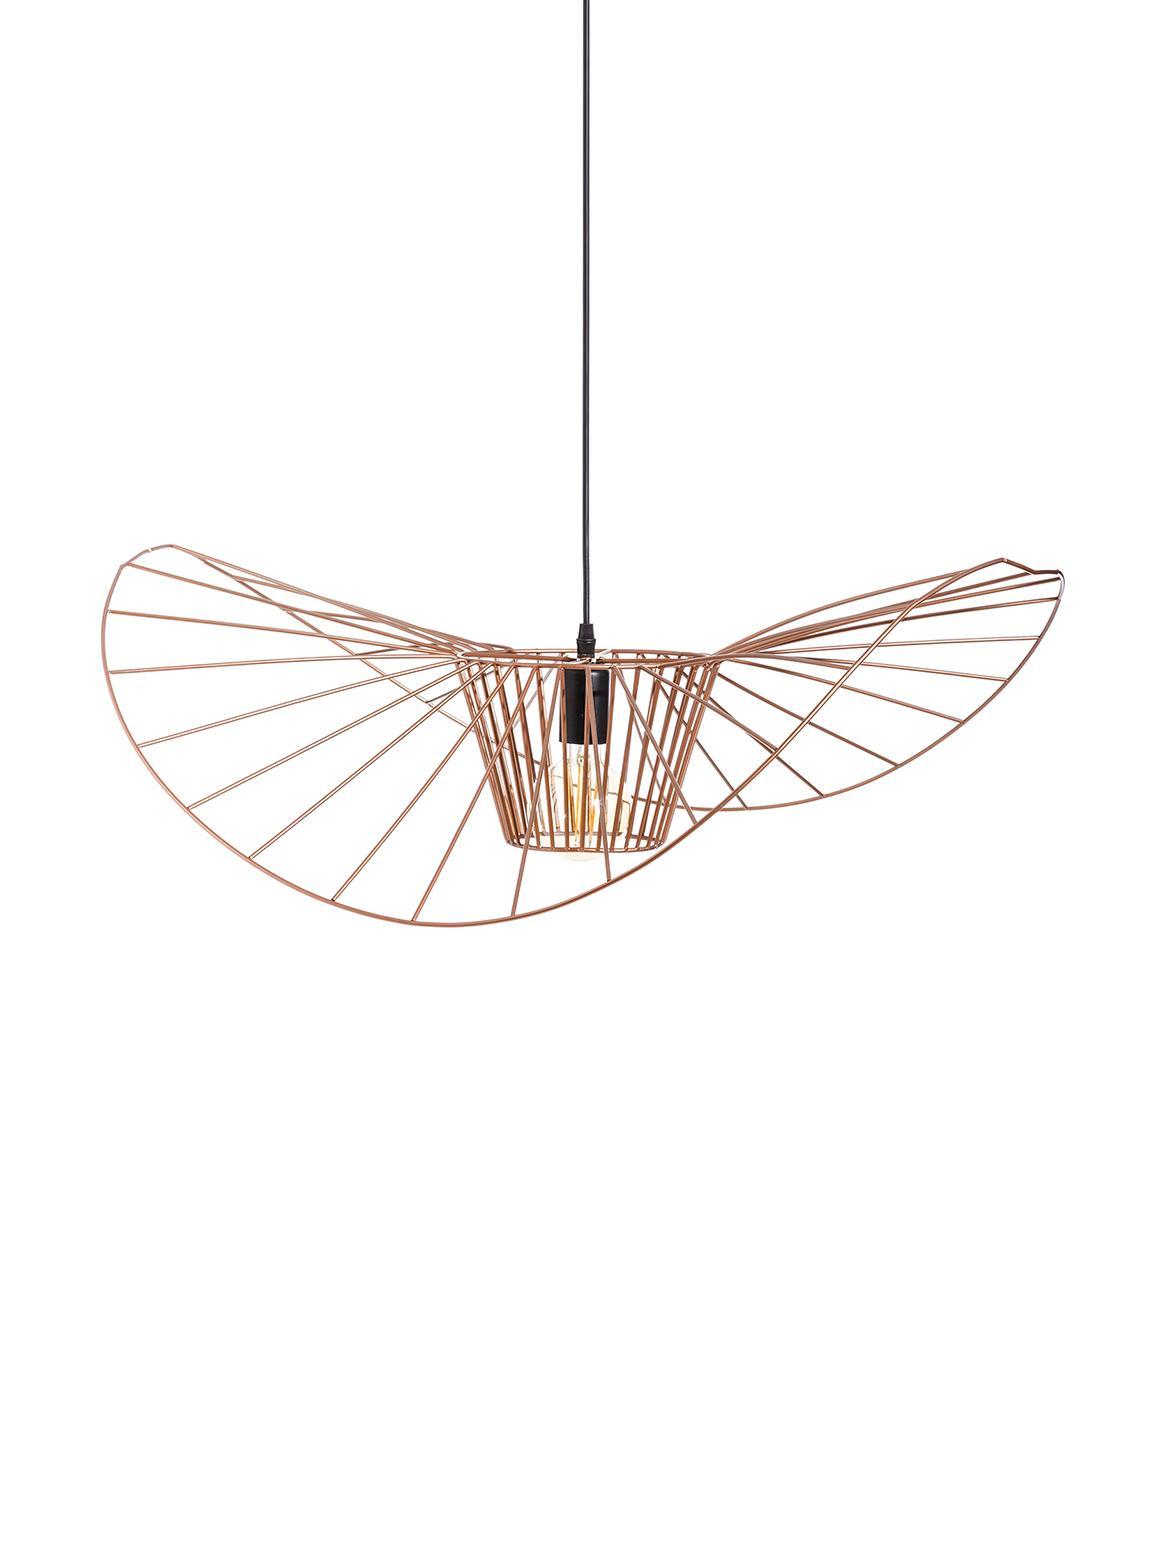 Lampa wisząca Stingray, Metal powlekany, Odcienie mosiądzu, Ø 72 x G 72 cm